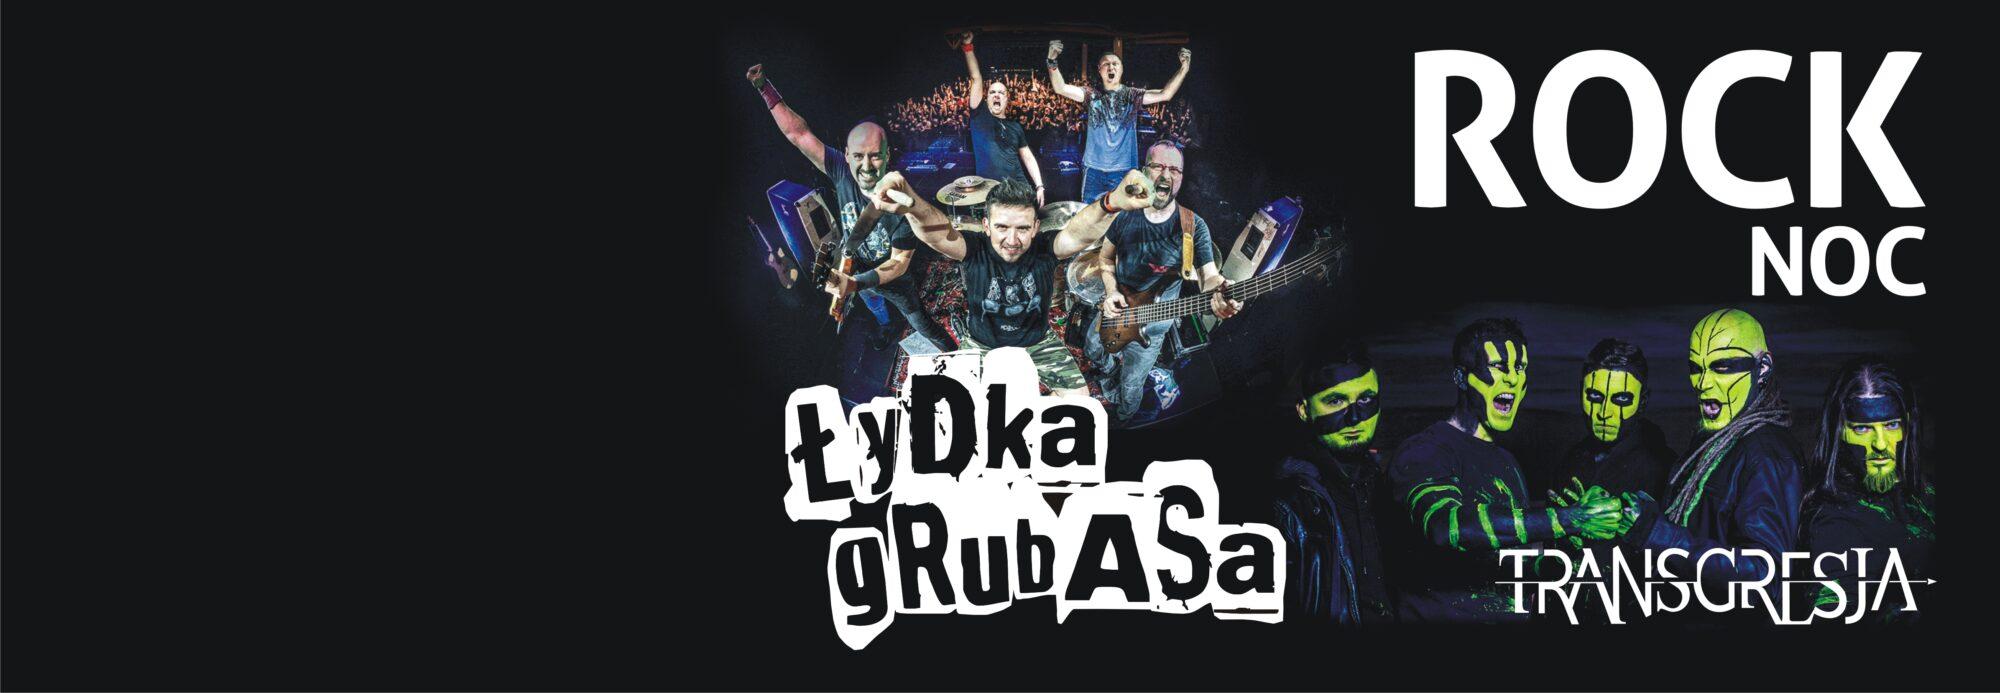 Baner reklamujący koncert rock noc. Na czarnym tle wizerunki dwóch występujących zespołów